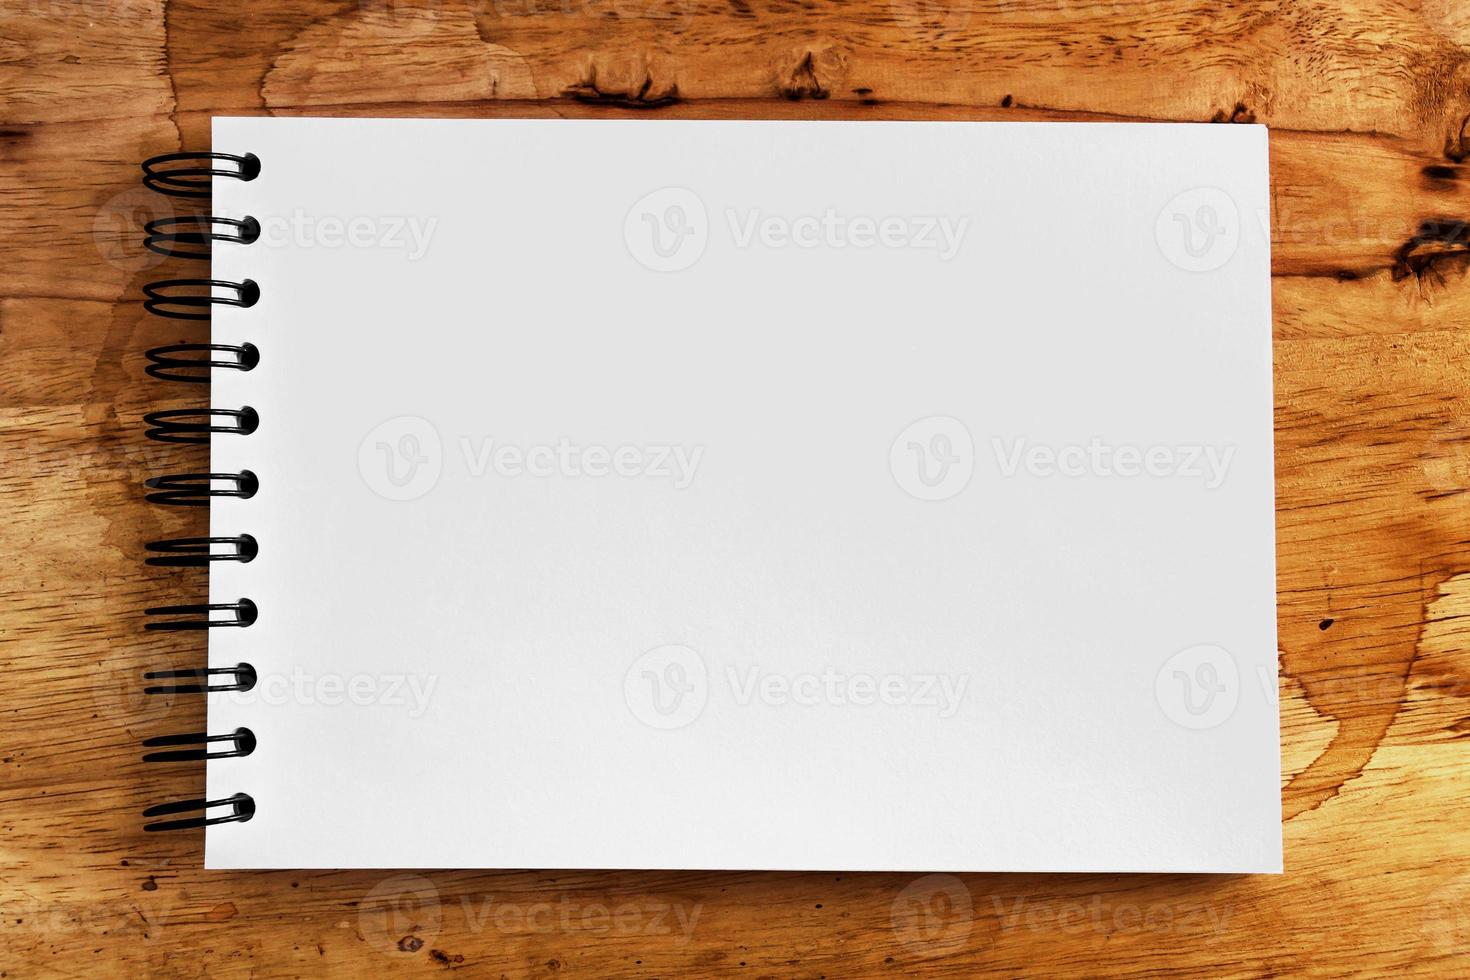 notitie papier op houtstructuur achtergrond met kopie ruimte foto